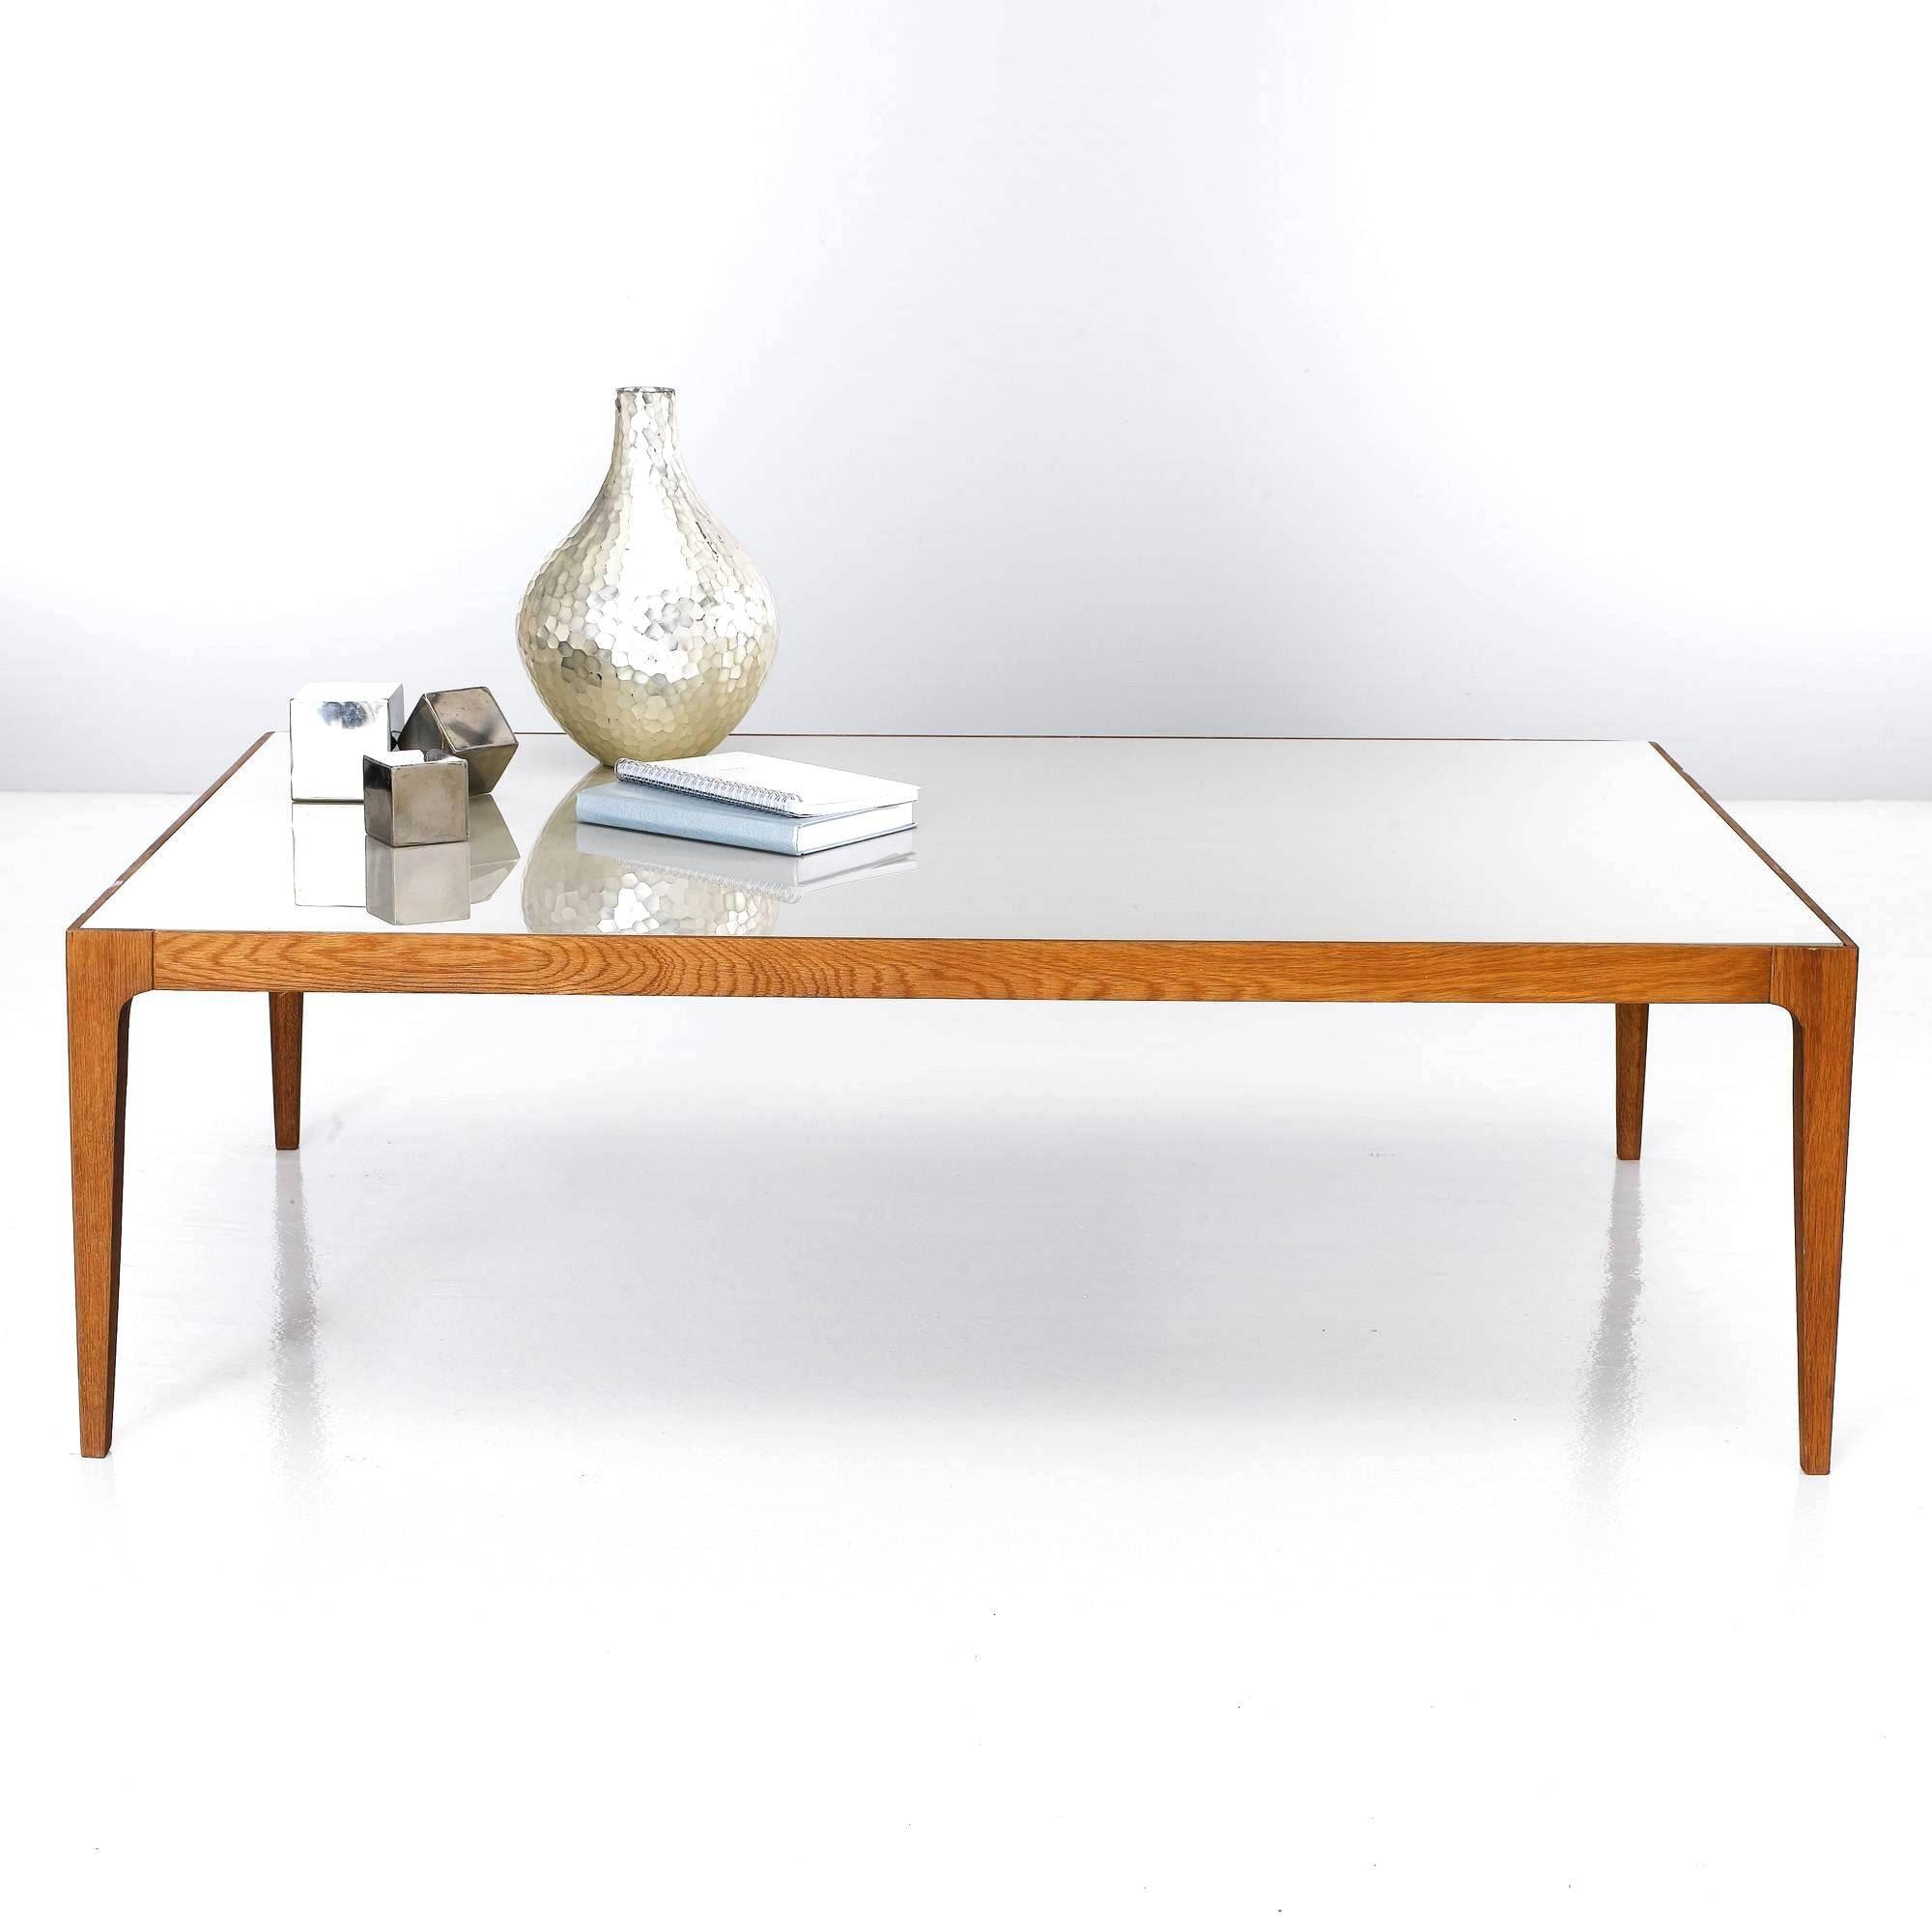 Table Basse Scandinave Ikéa Mobilier Design Décoration D